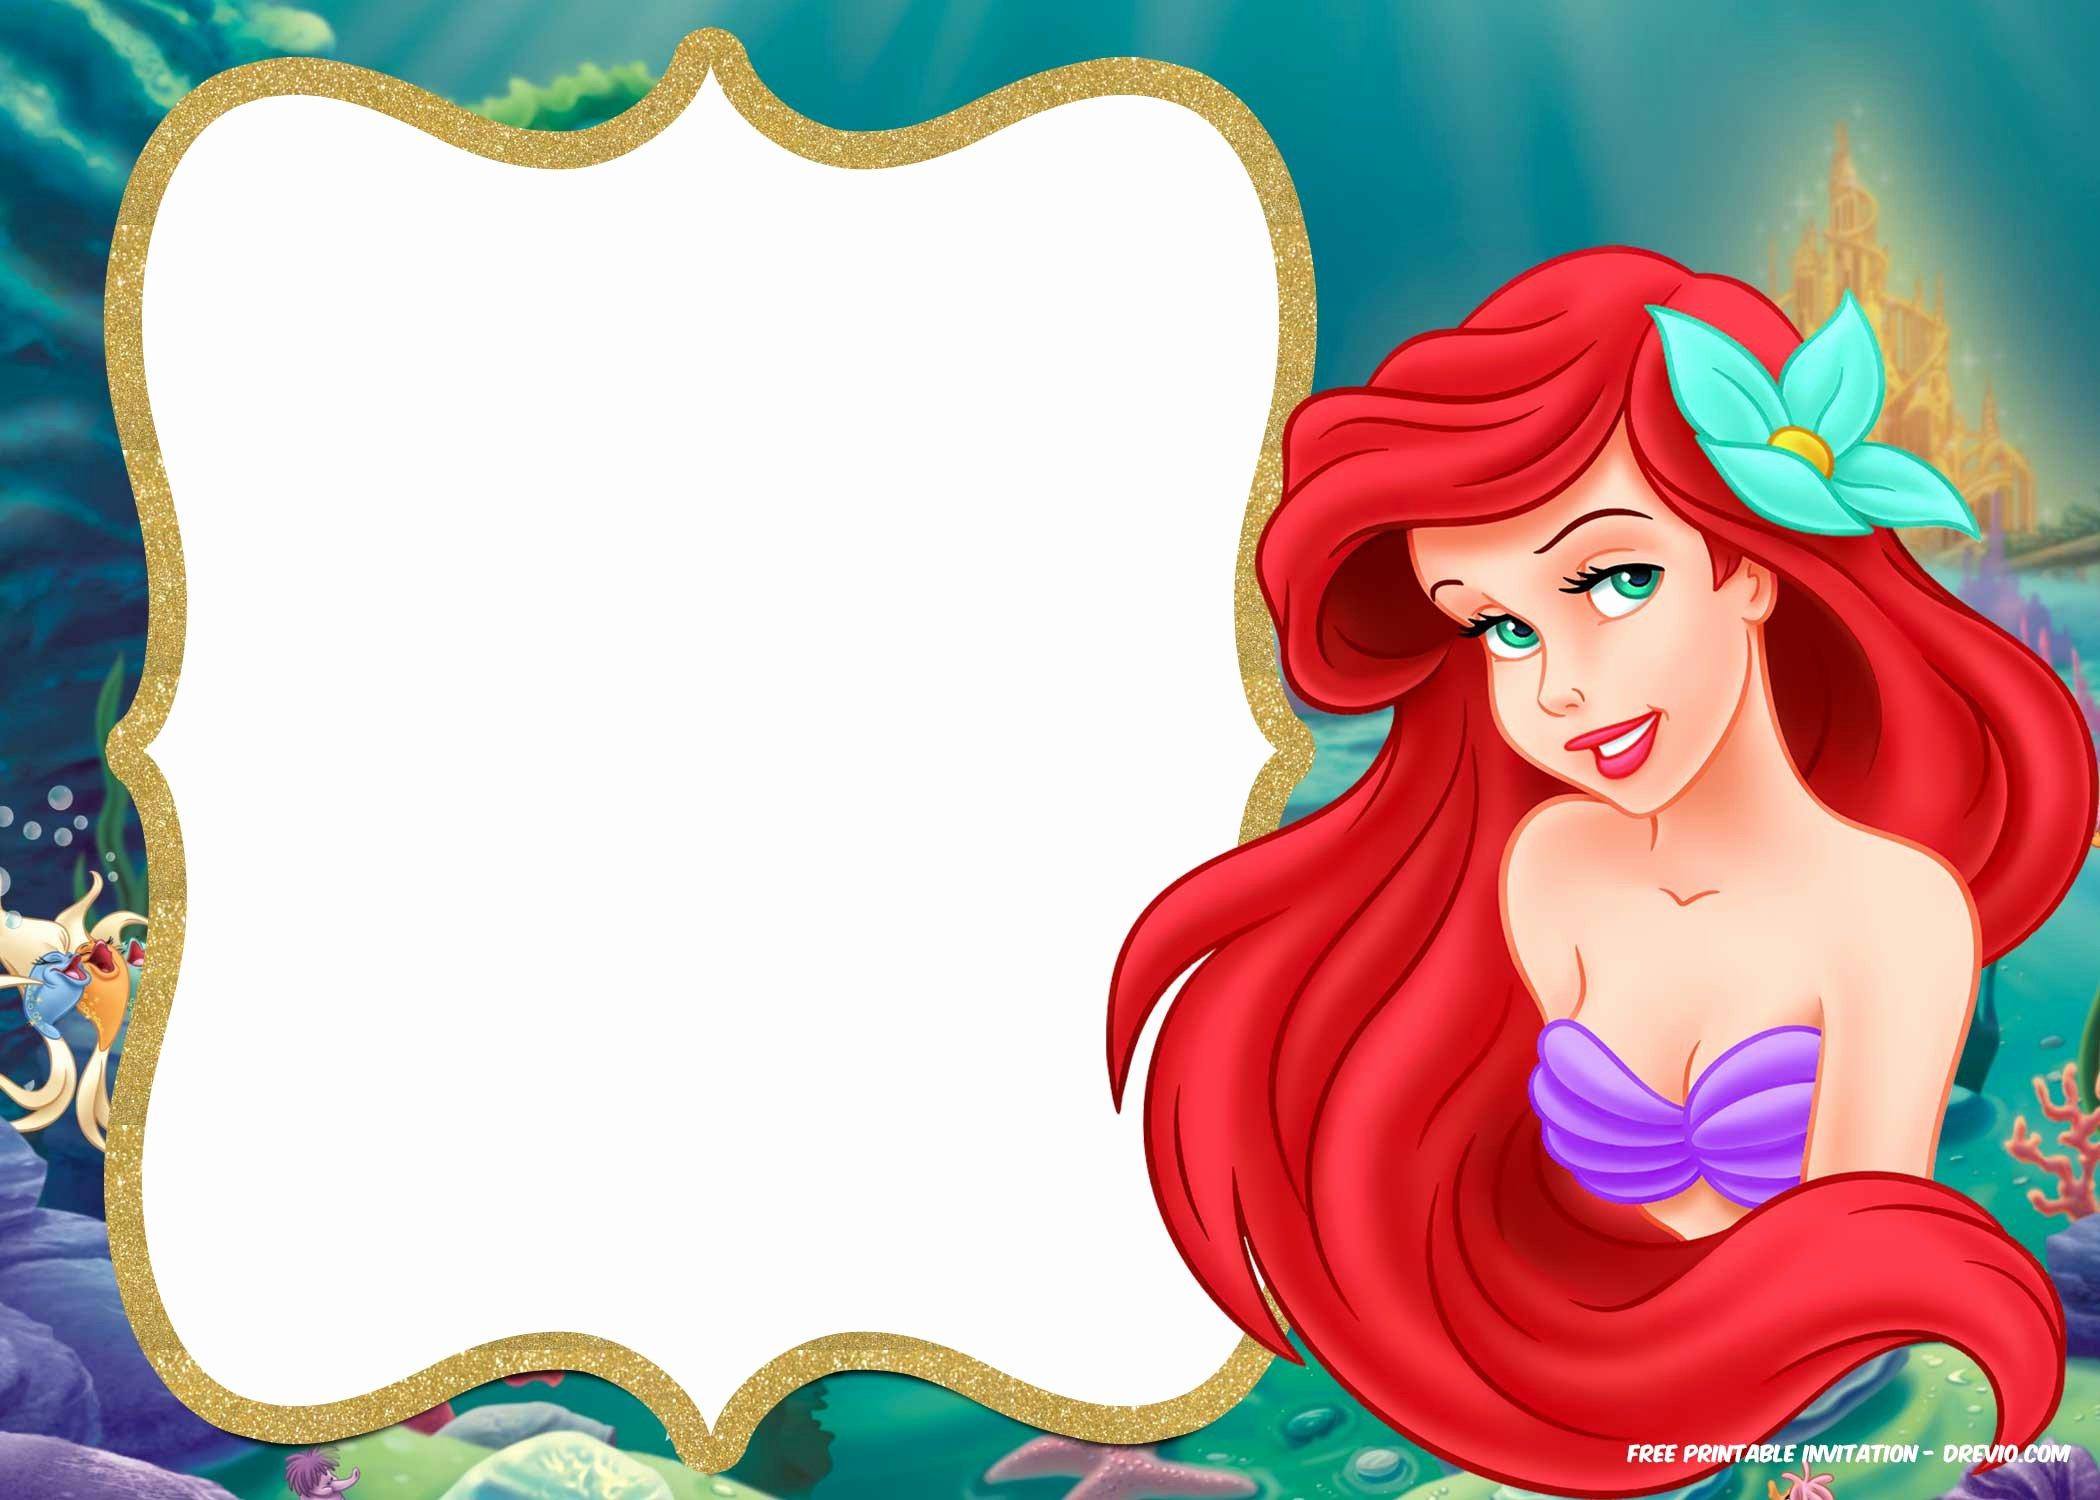 Mermaid Invitation Template Free Luxury Free Printable Ariel Little Mermaid Invitation Template